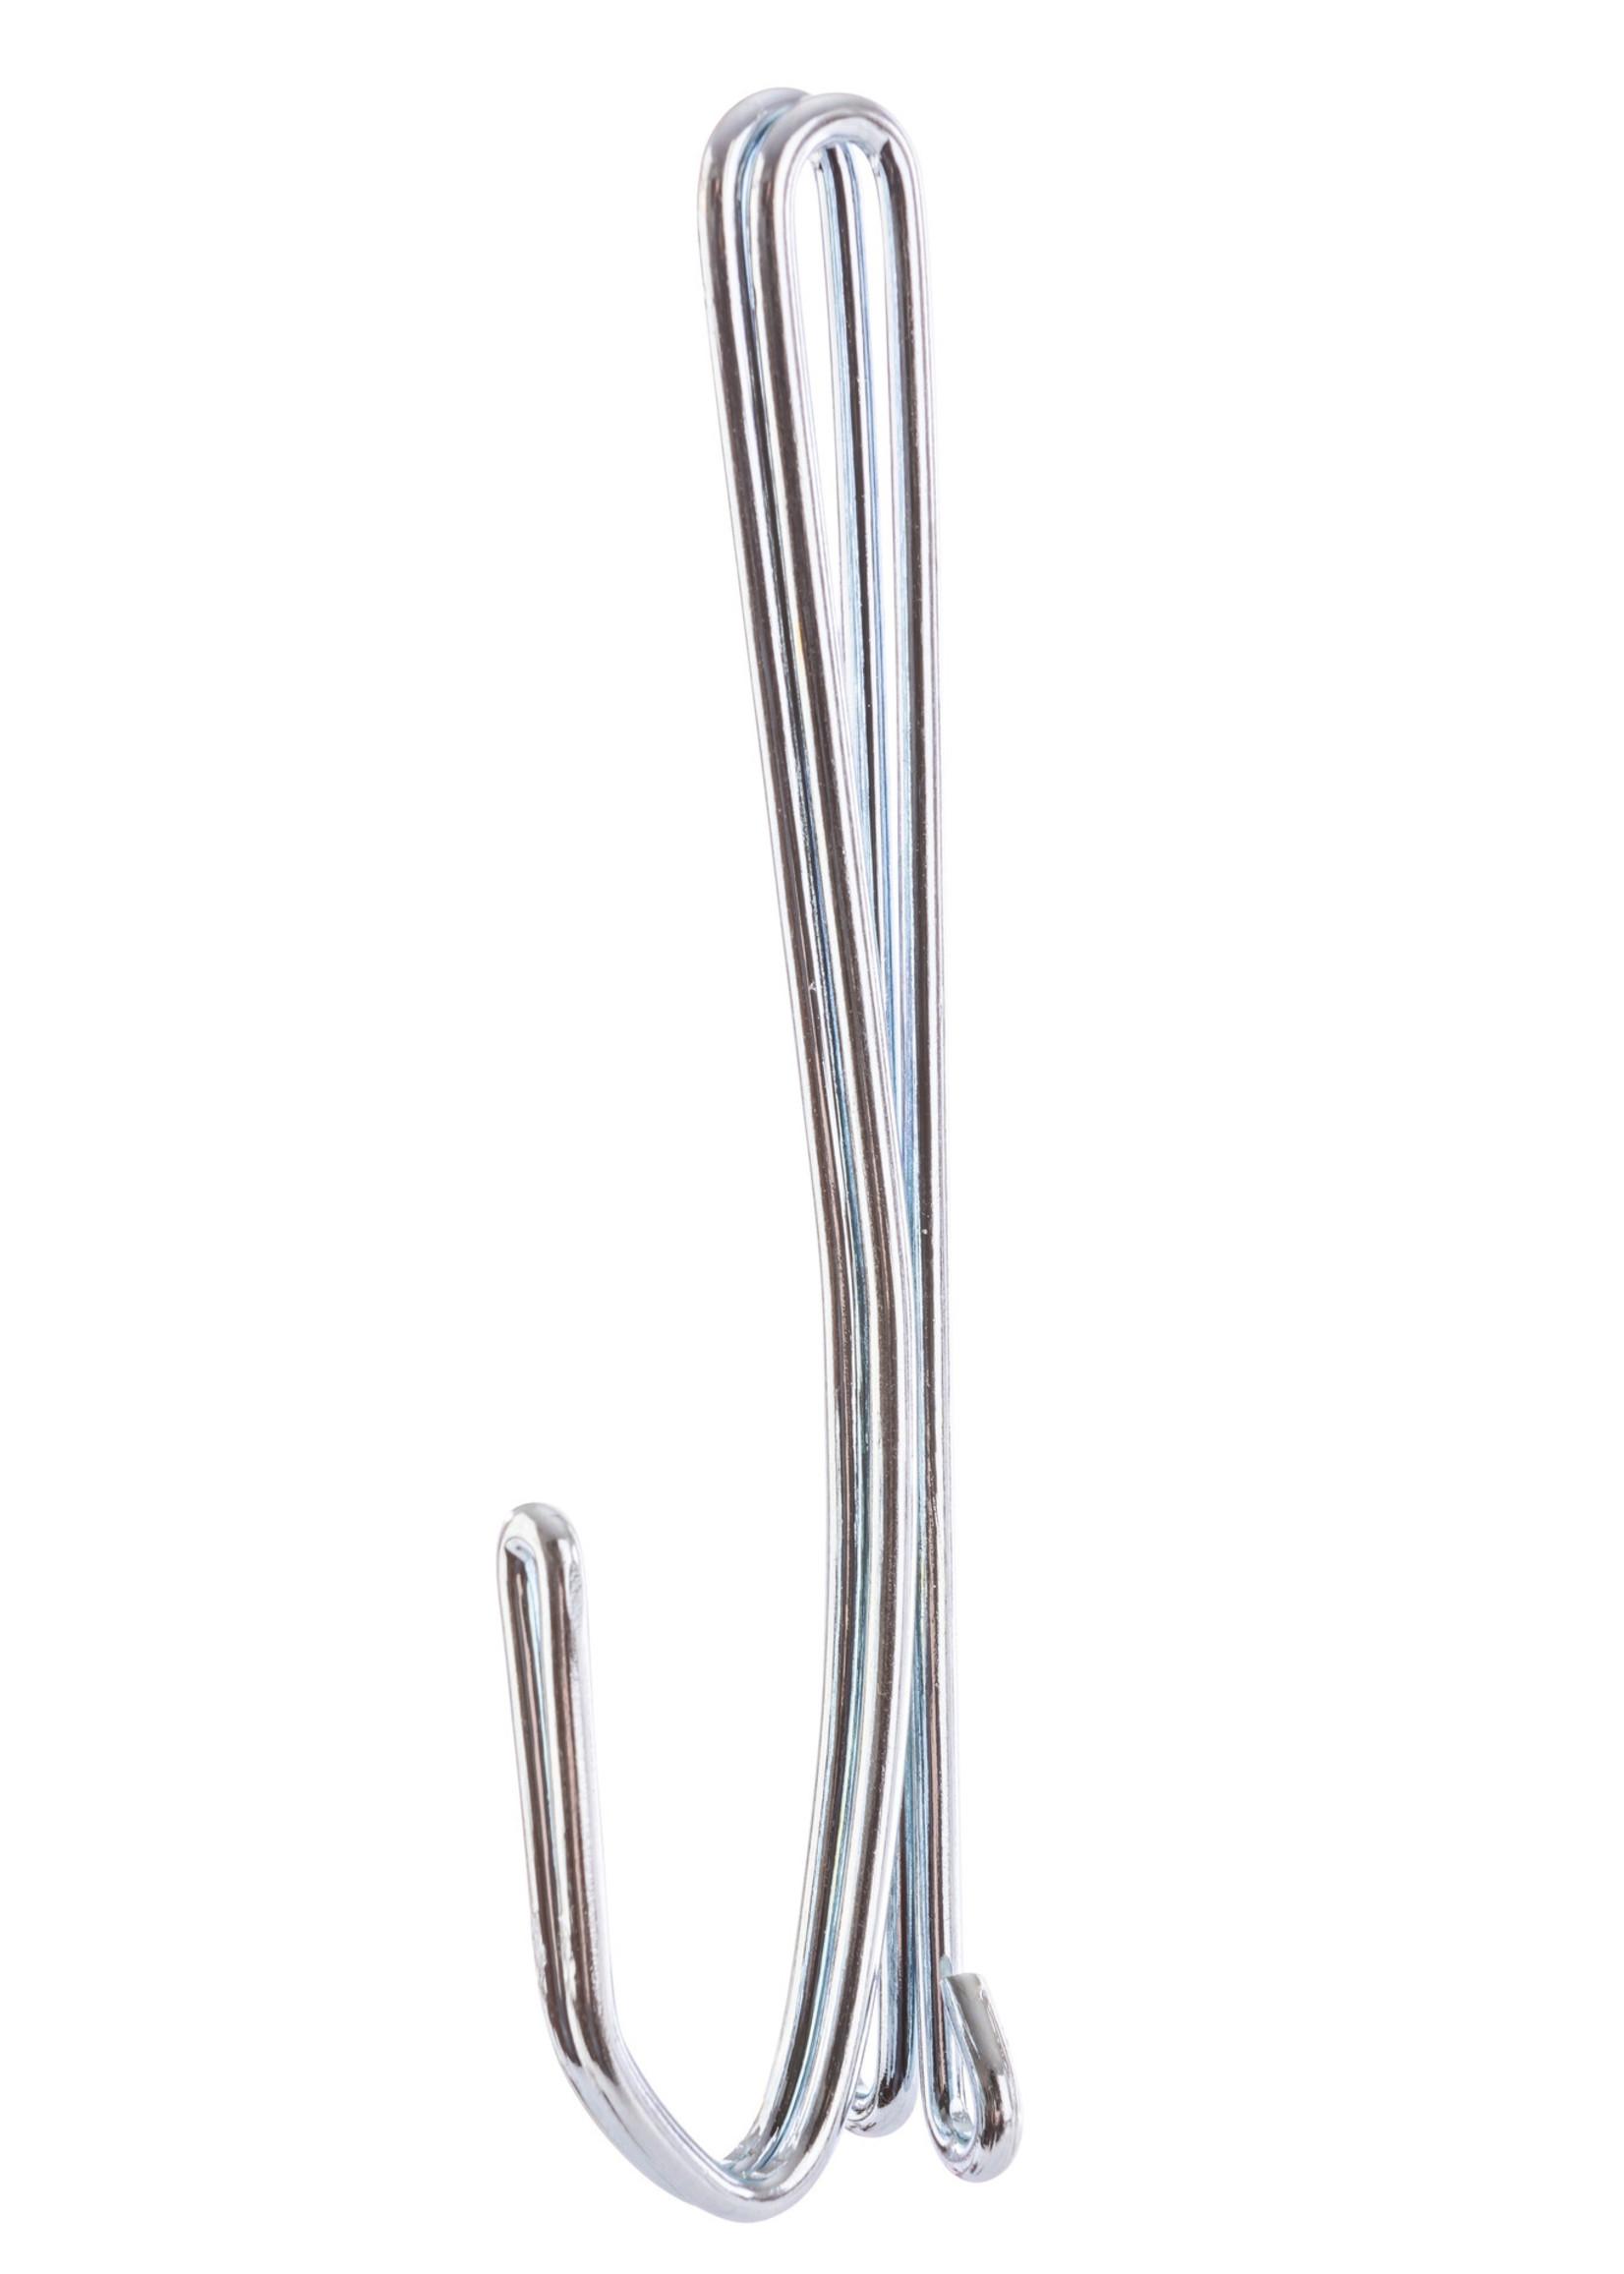 Gordijnhaak/Kuifhaak 0,0mm verpakt per 20 stuks